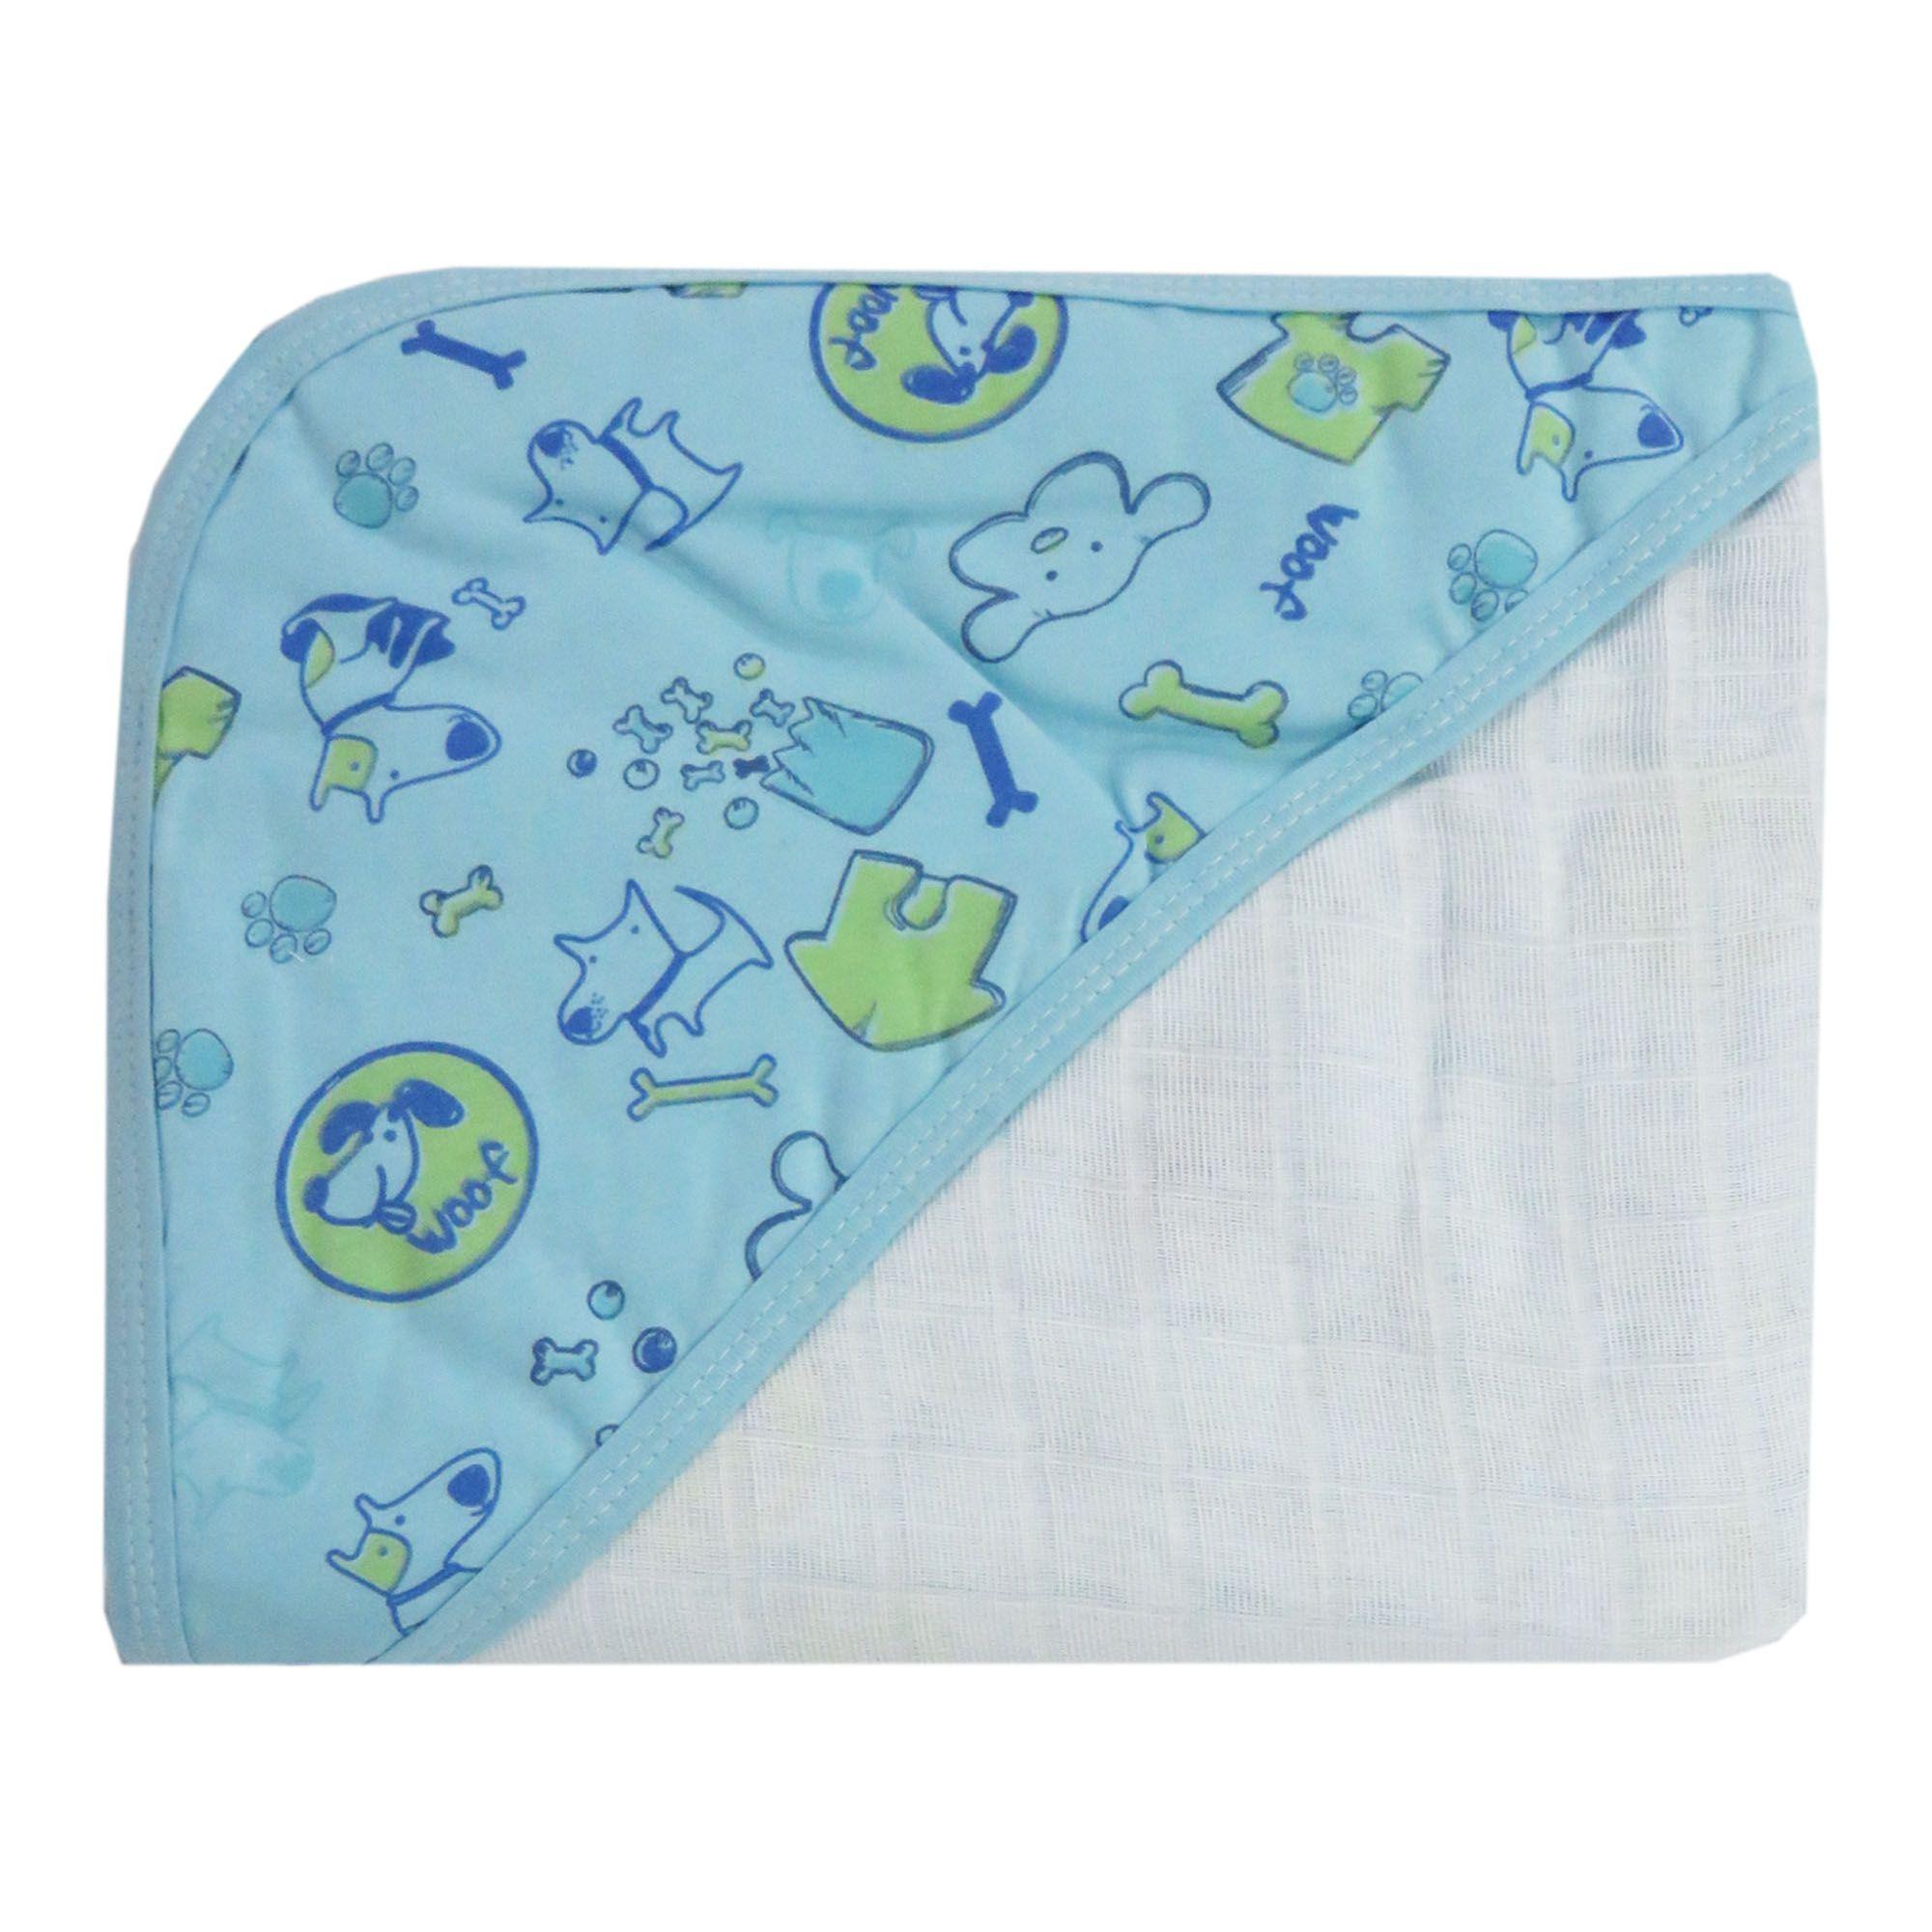 Toalha de Banho - Minasrey - Carícia Malhas - Azul